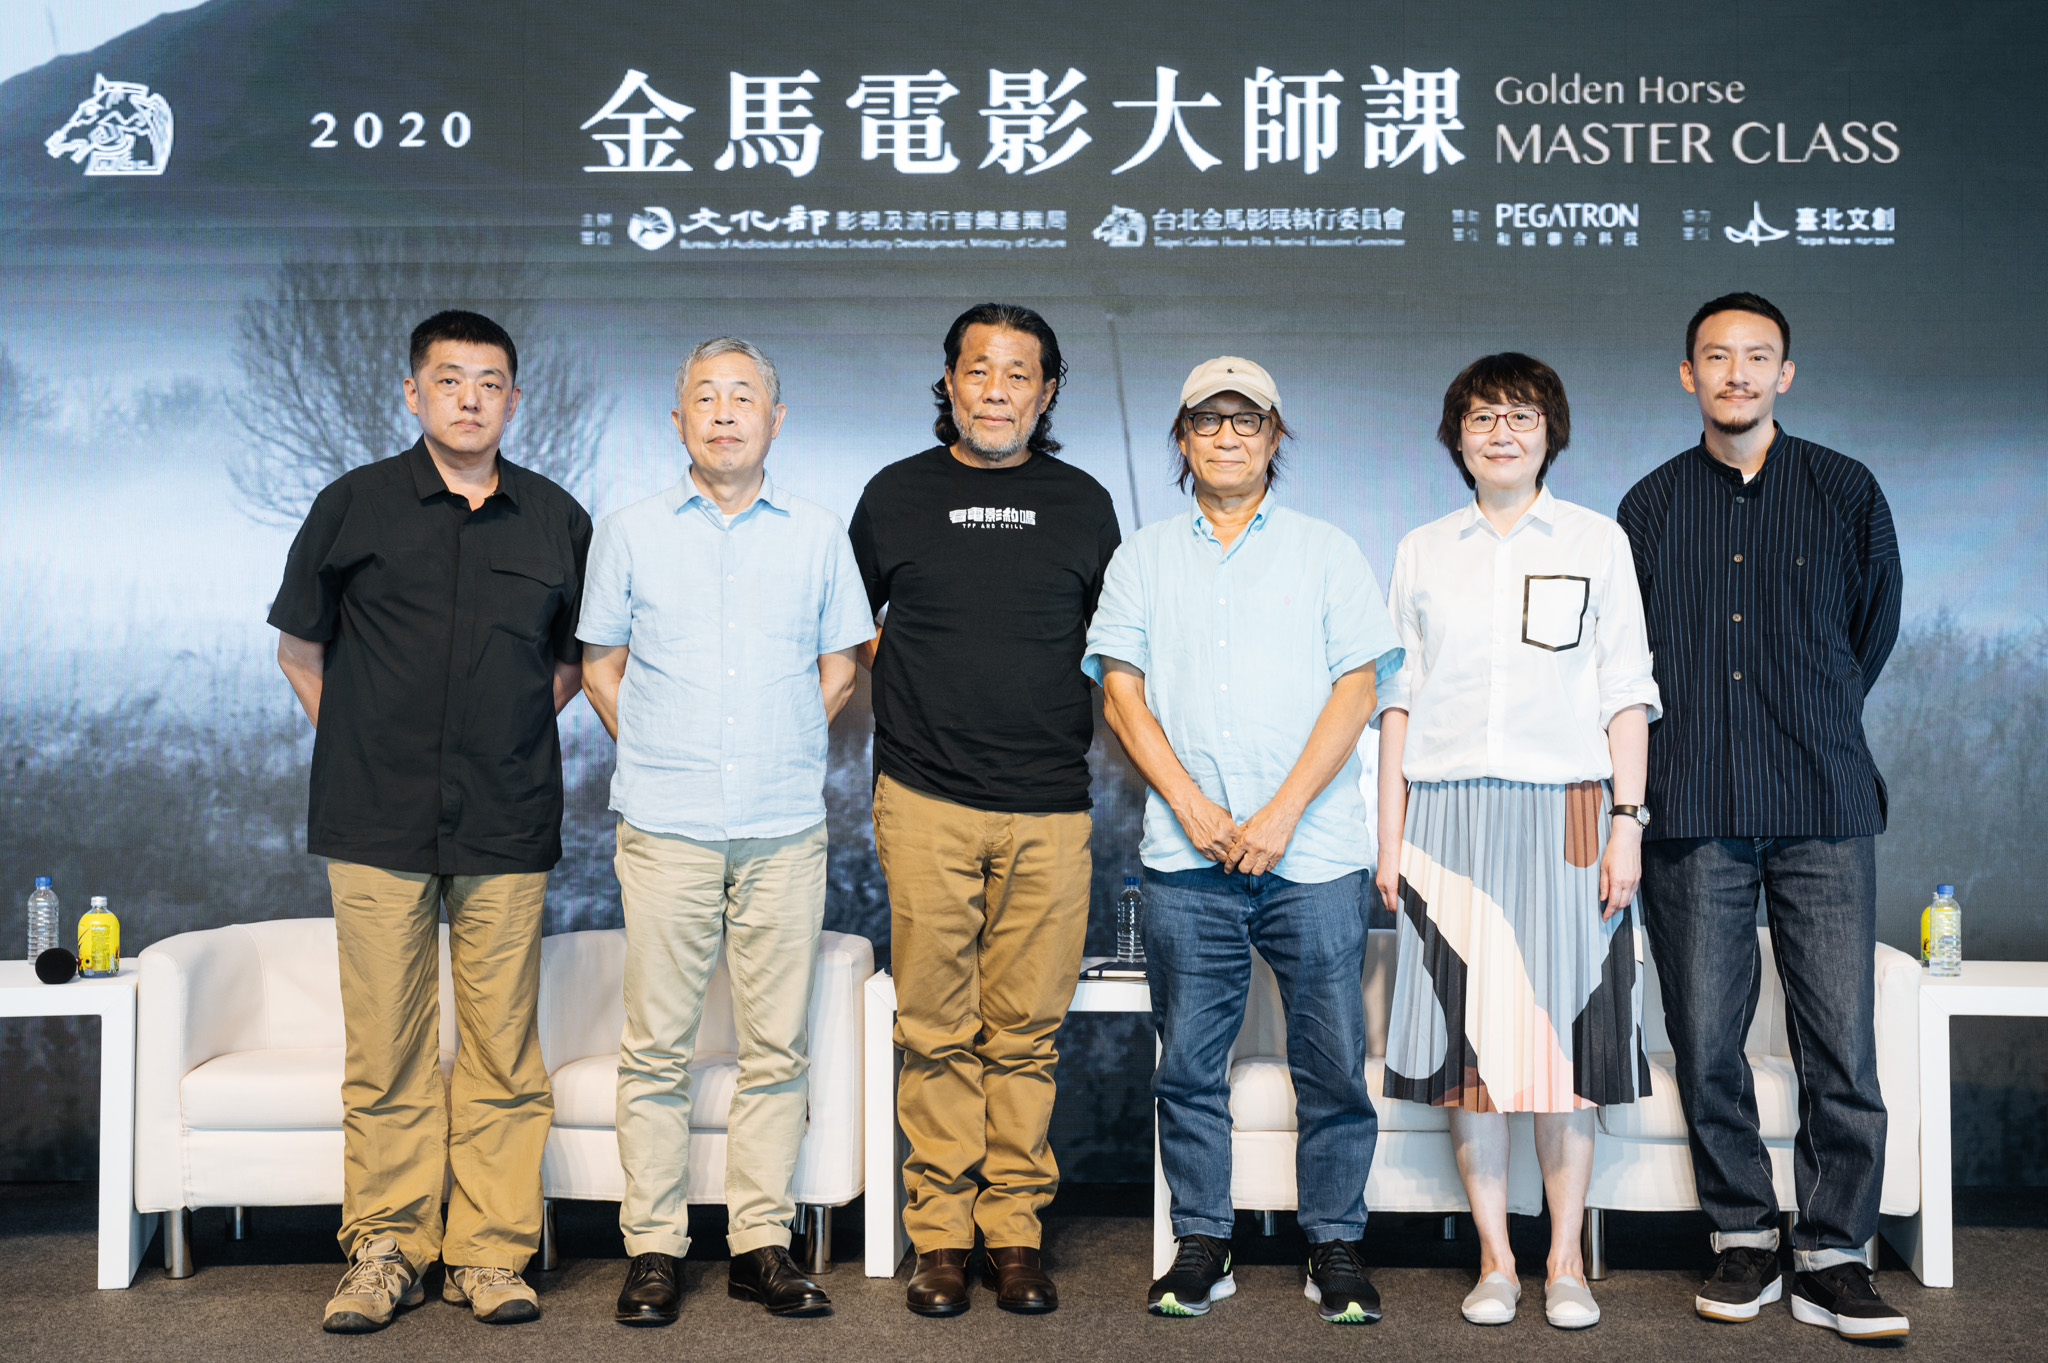 2020金馬電影大師課論壇,左起林強、杜篤之、李屏賓、廖慶松、黃文英、張震